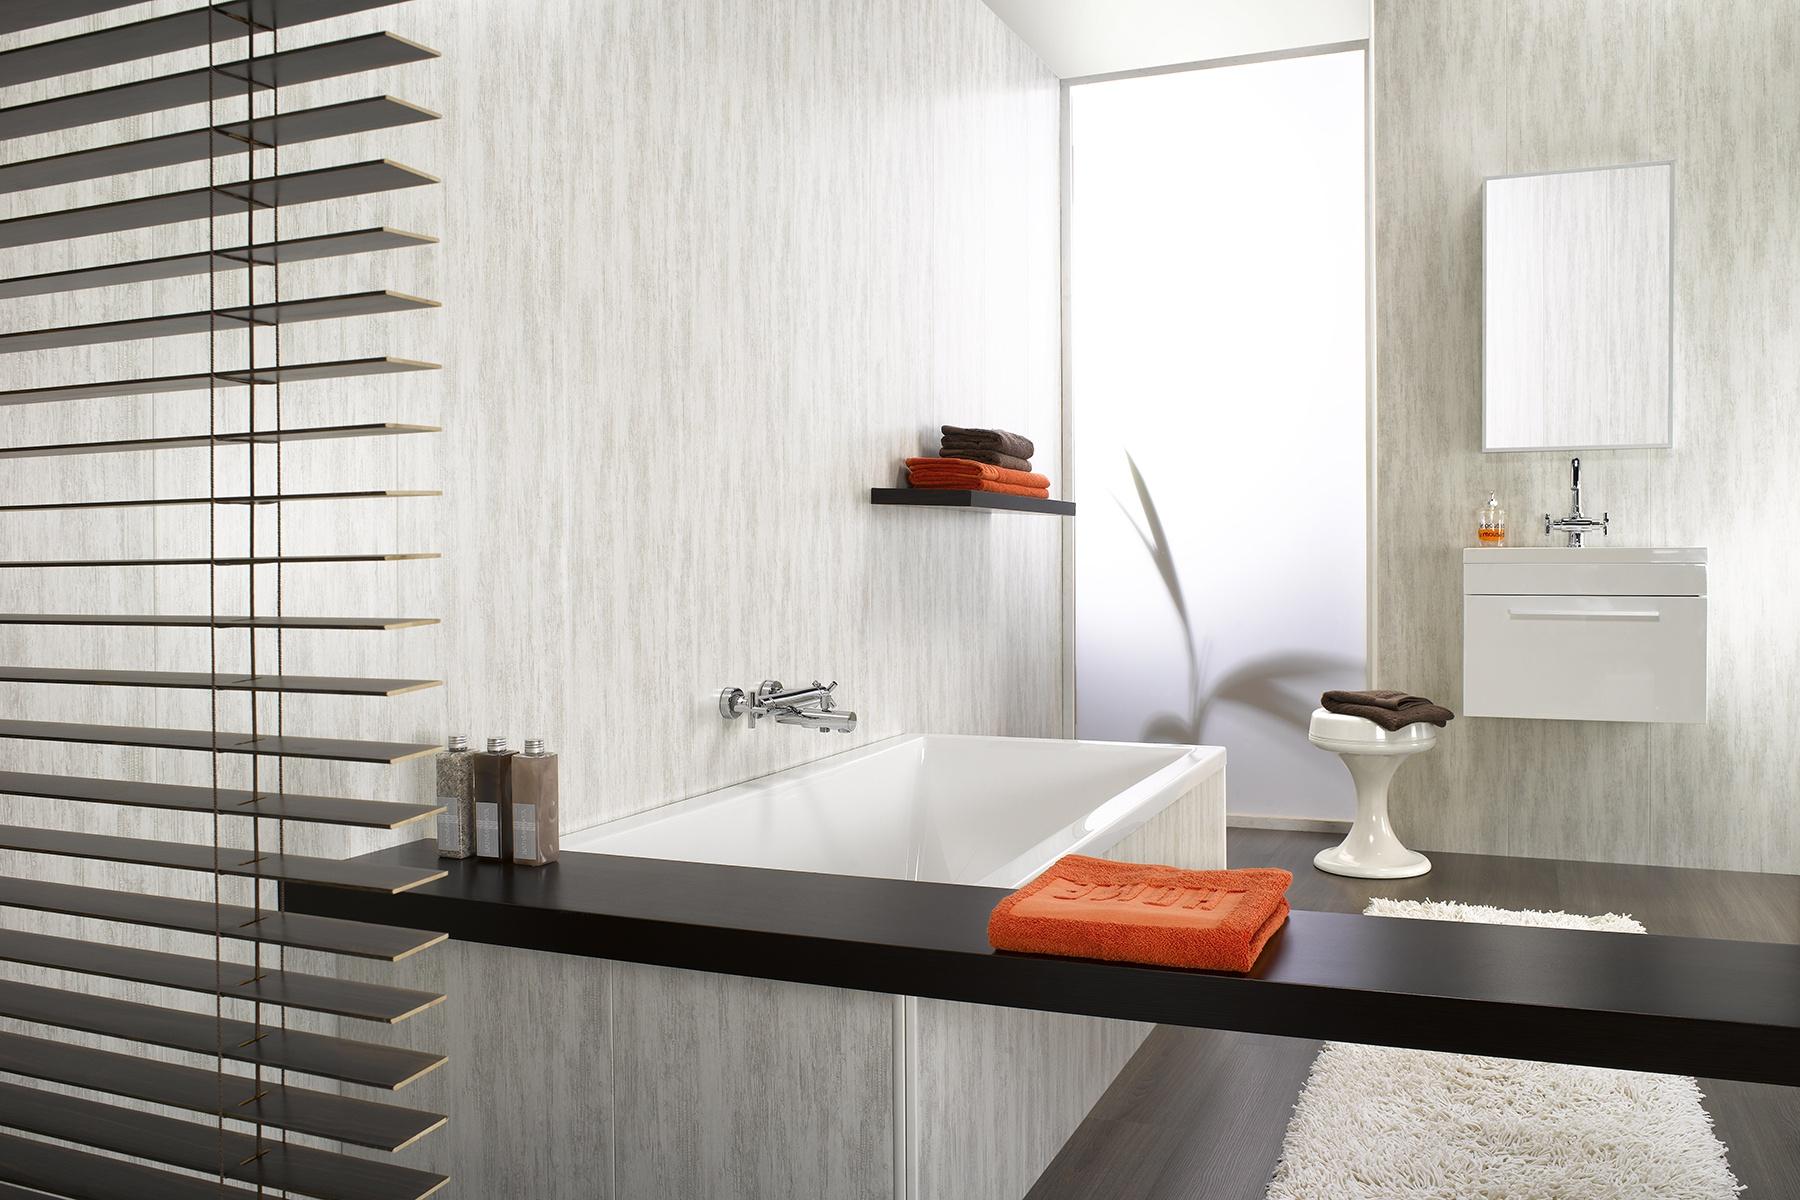 Badkamer Plafond Oplossingen : Waterbestendige wandpanelen en plafondpanelen u watervaste wanden